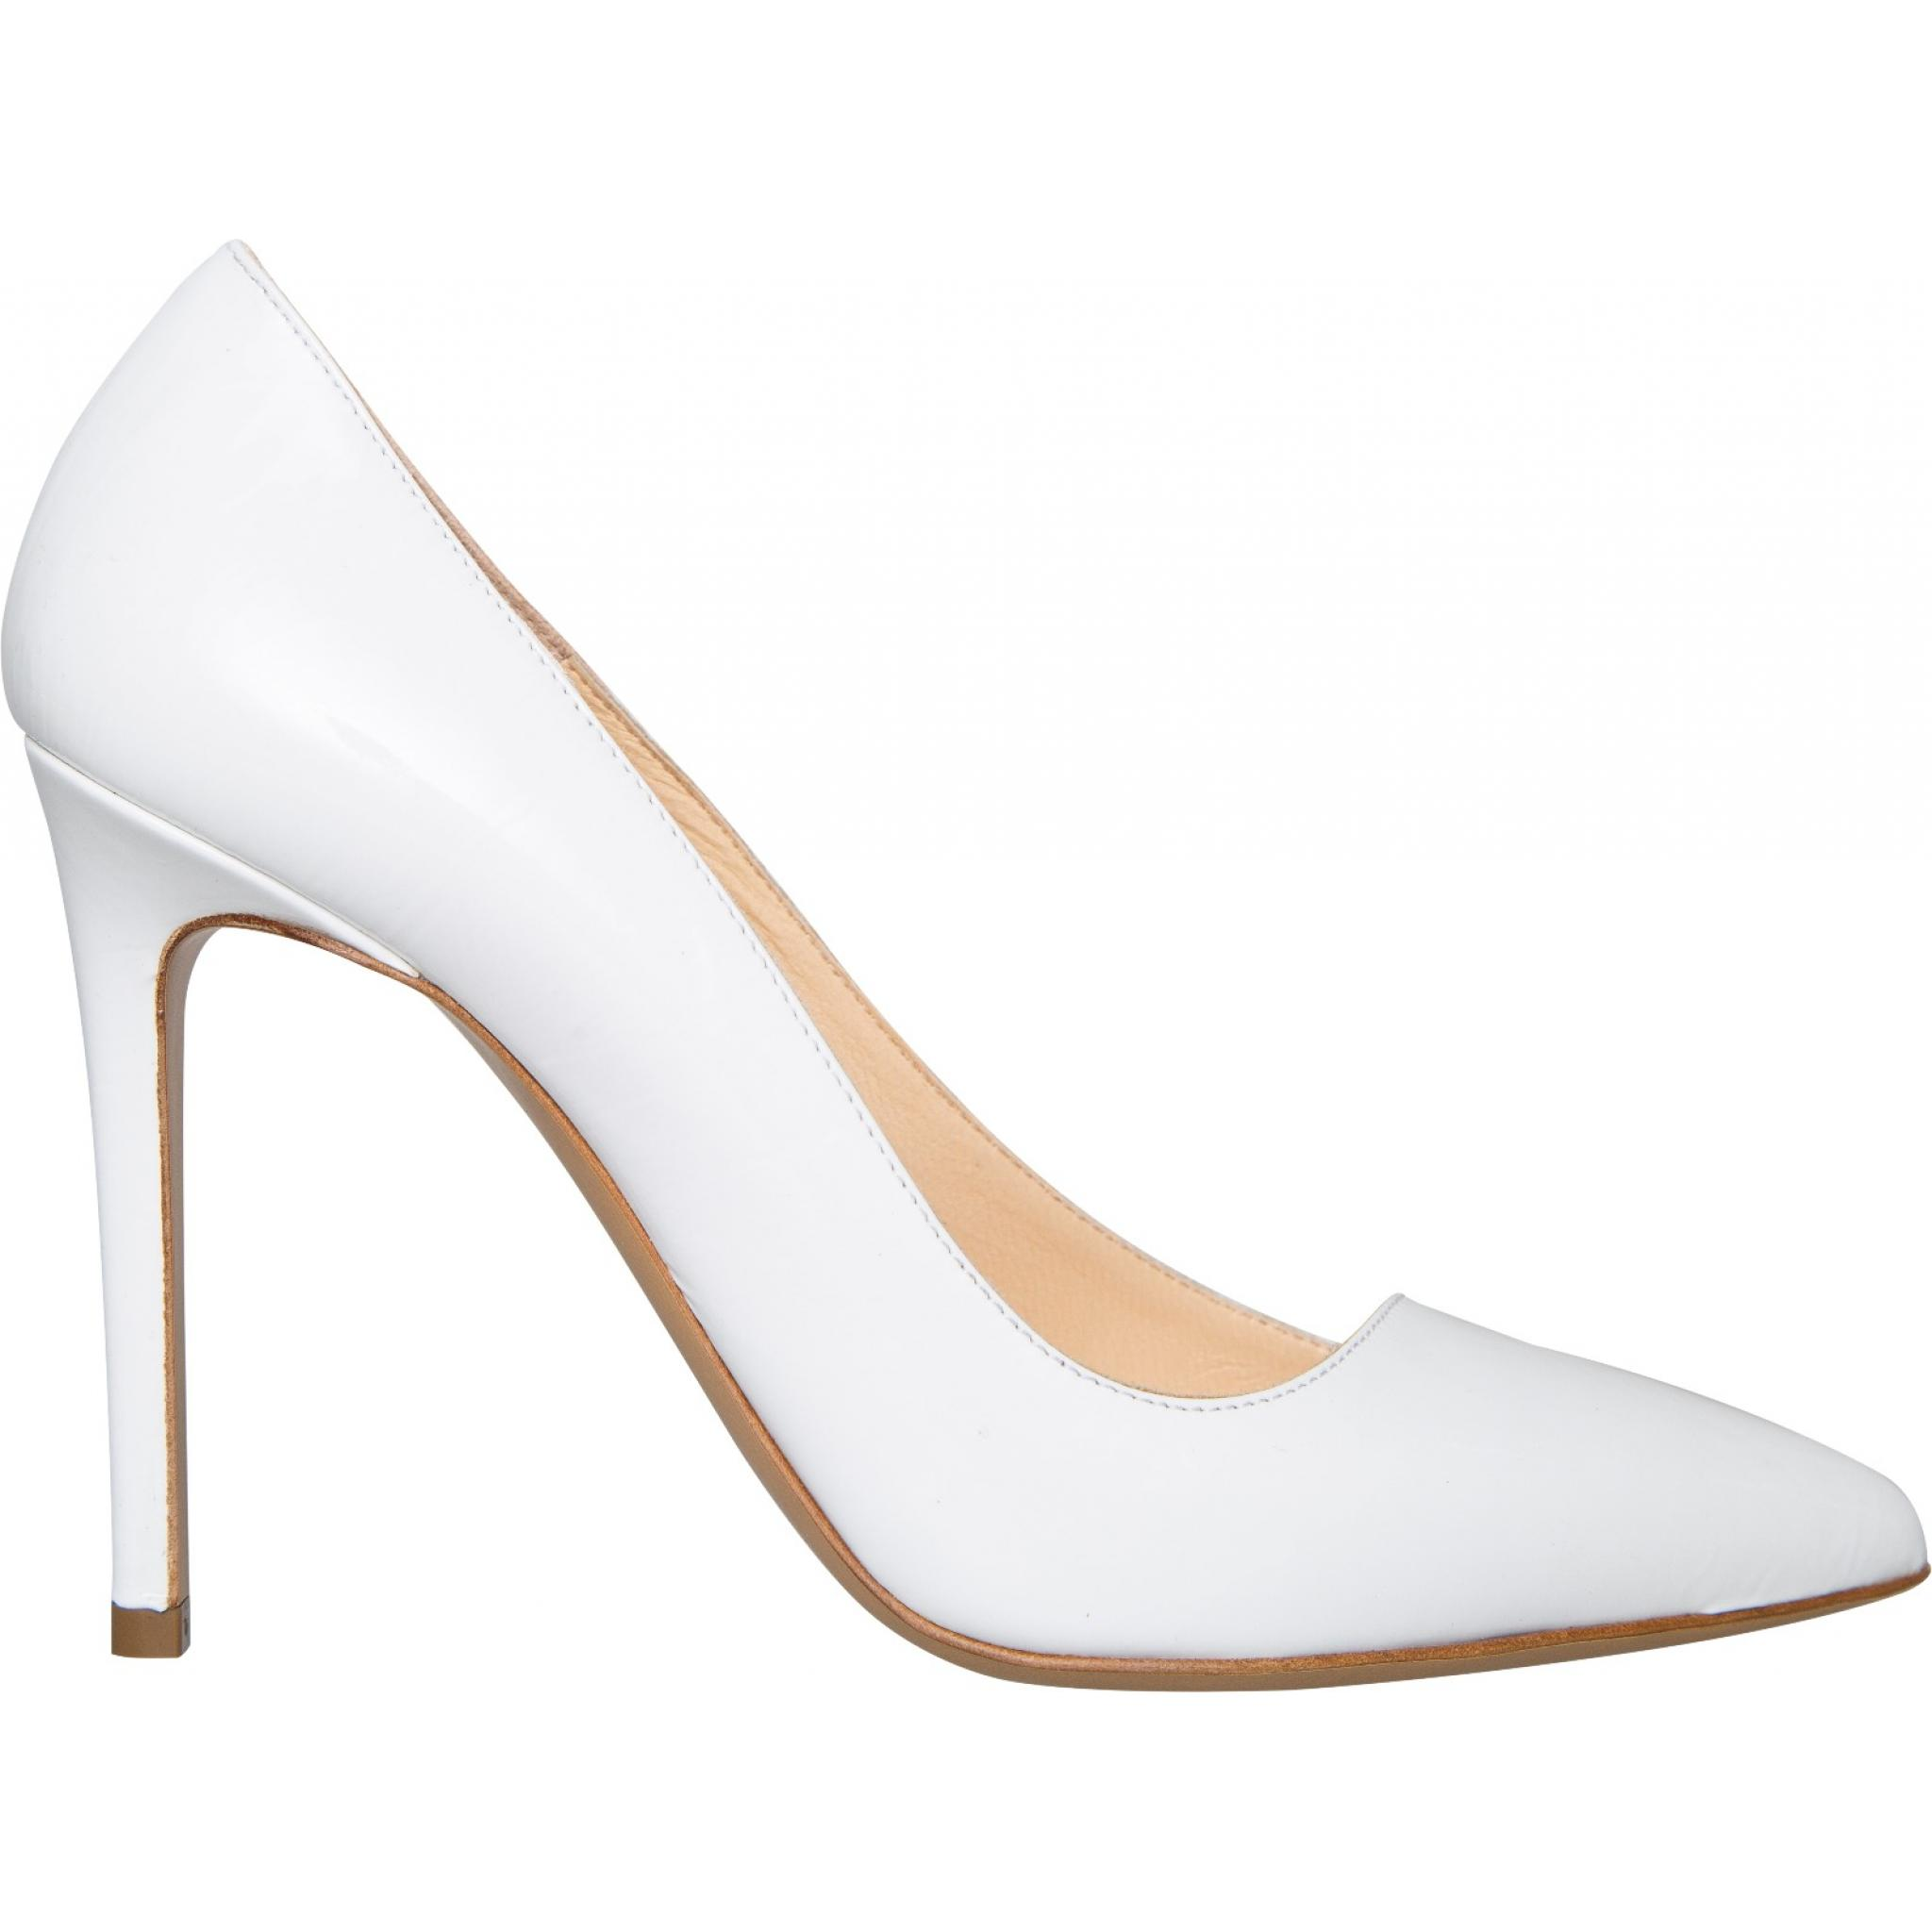 High-Heels in Lackleder mit schrägem Zehenkappendesign-0